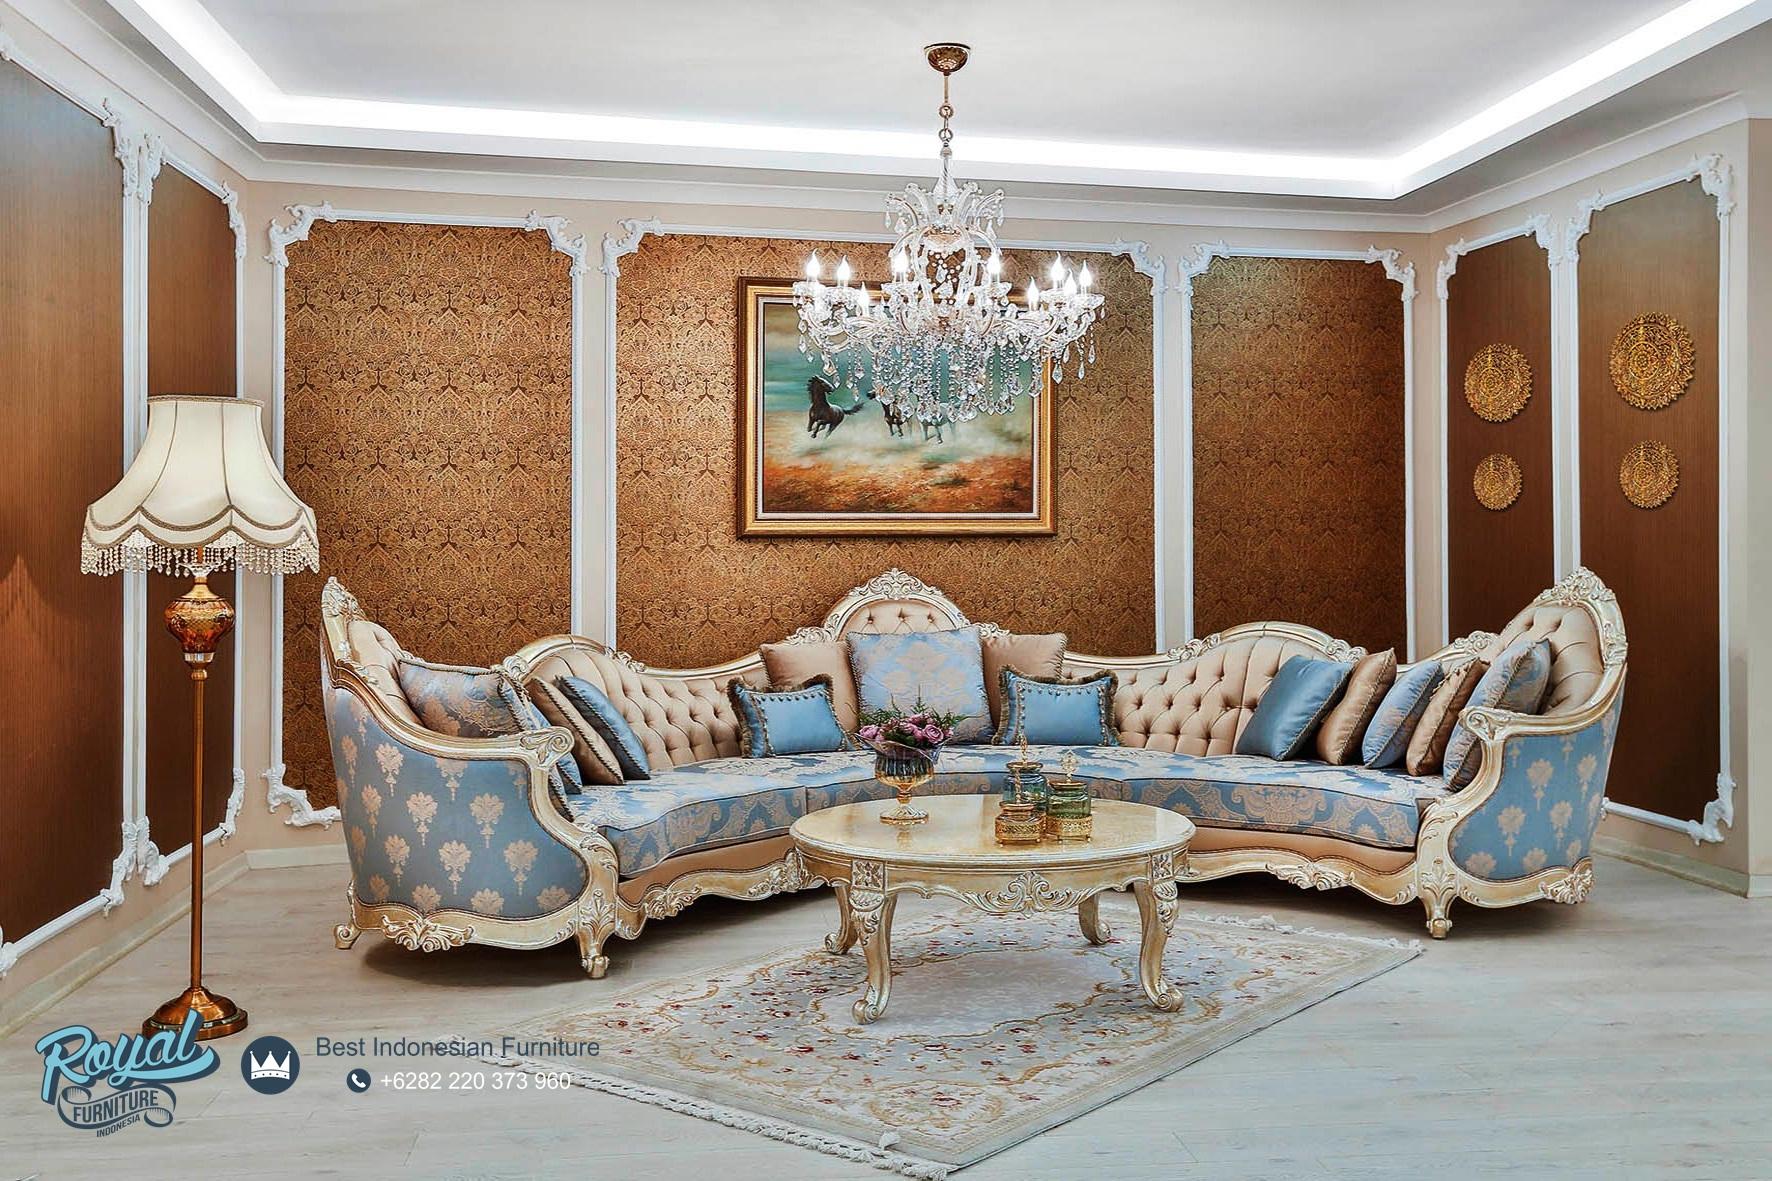 Sofa Ruang Tamu Santai Klasik Mewah Leonardo Ukiran Jepara Terbaru, Sofa ruang santai nonton tv, sofa ruang keluarga, sofa lingkaran model klasik, sofa ruang tamu kecil, sofa ruang tv klasik, Model sofa ruang keluarga mewah klasik, katalog produk sofa ruang tamu, sofa bed klasik, sofa ruang keluarga mewah, model sofa untuk ruang tamu besar, sofa tamu sudut leter L, kursi tamu jati jepara, sofa tamu jati klasik, Sofa Tamu Mewah Ukiran Jepara Gold Klasik Terbaru, set sofa tamu mewah, sofa tamu terbaru, sofa mewah modern terbaru, kursi tamu mewah modern, sofa mewah 2019, kursi tamu sofa mewah, kursi mewah ruang tamu, model kursi tamu mewah, kursi tamu mewah minimalis, harga sofa tamu murah, sofa tamu jepara terbaru, sofa tamu klasik gold duco, mebel jepara, furniture jepara, royal furniture